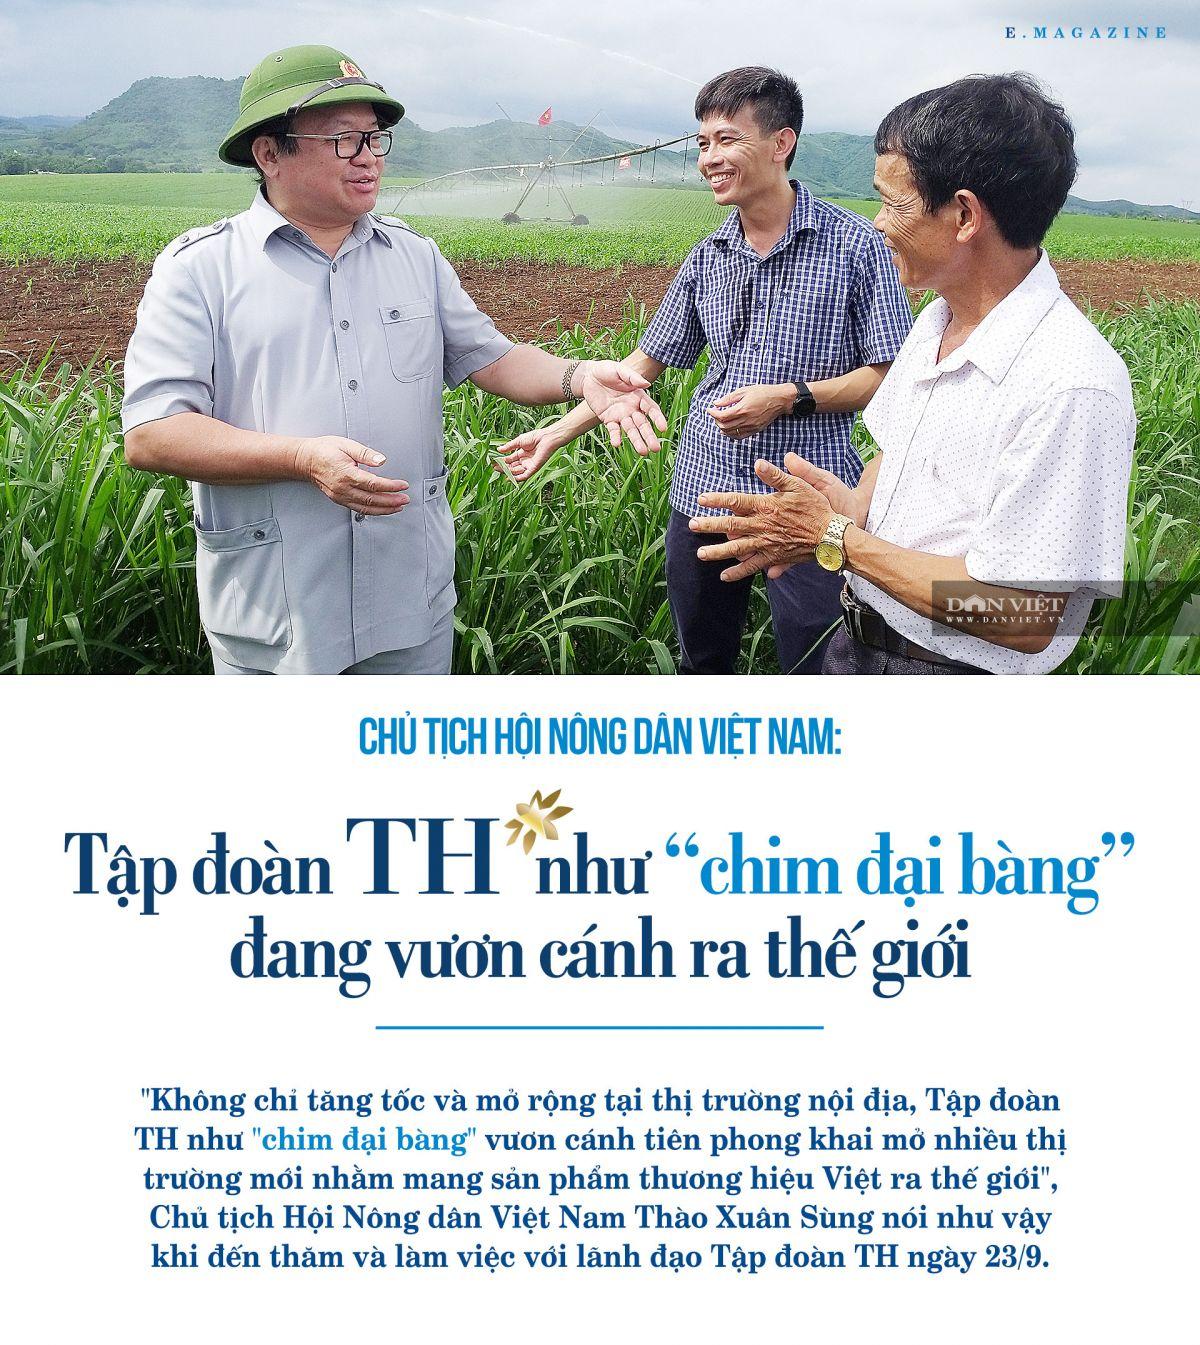 """Chủ tịch Hội Nông dân Việt Nam: Tập đoàn TH như """"chim đại bàng"""" đang vươn cánh ra thế giớ"""